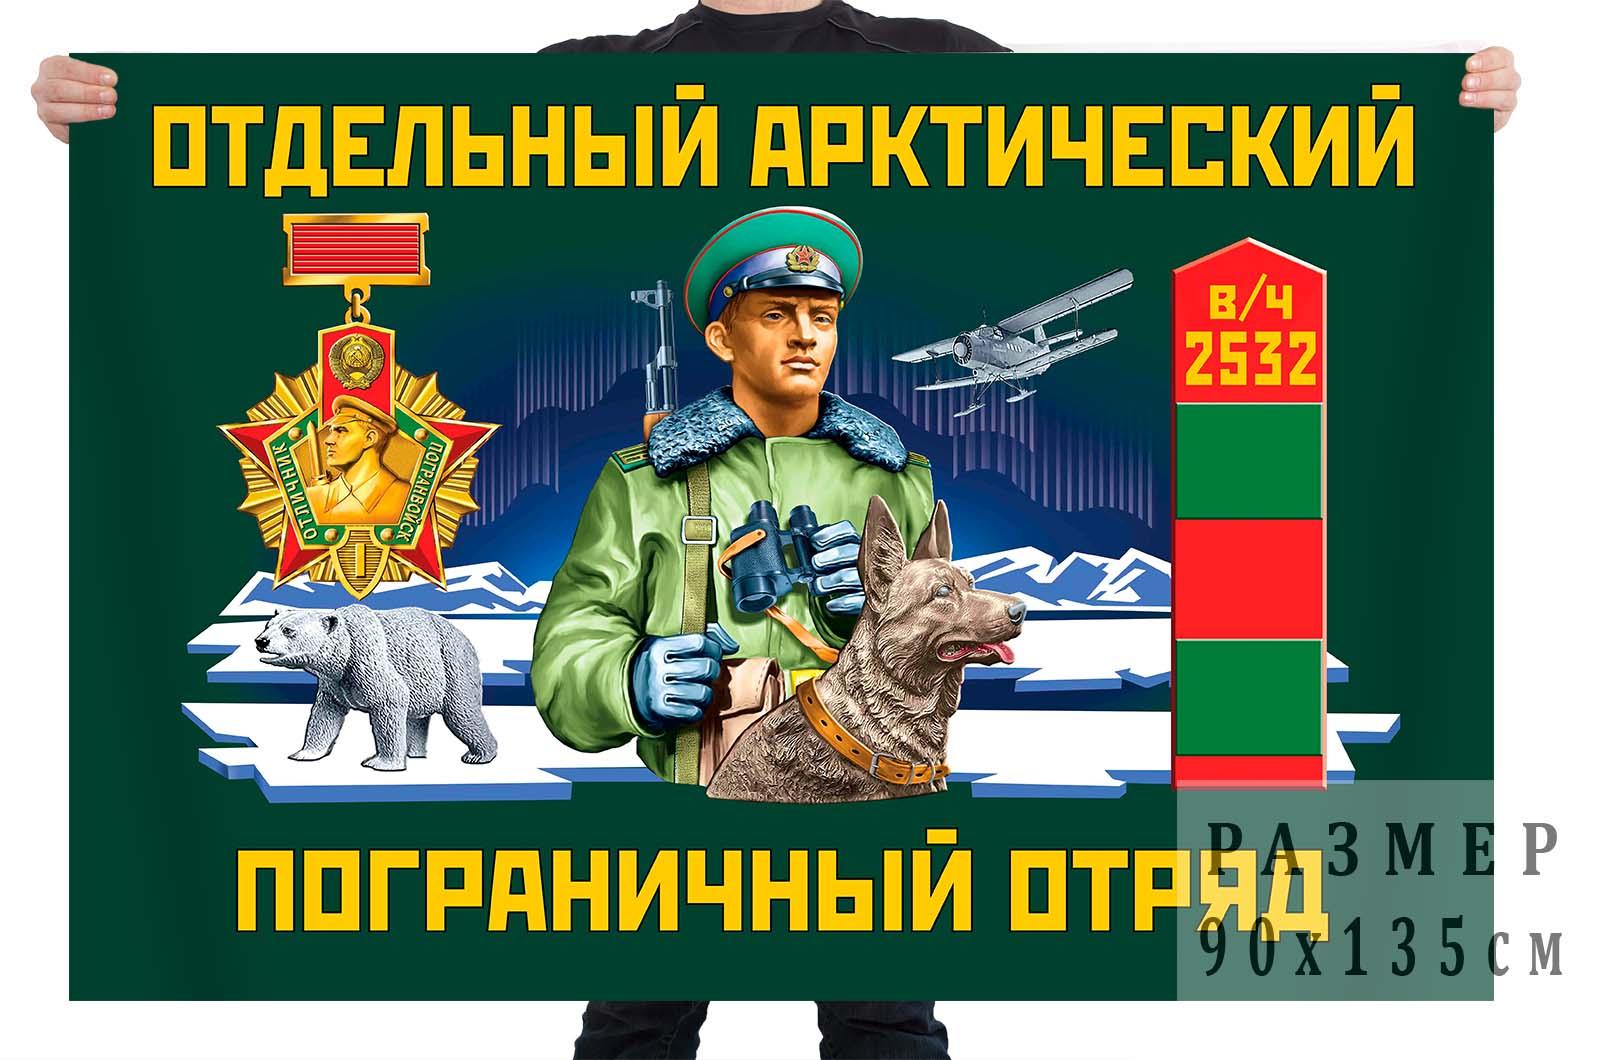 Флаг отдельного арктического погранотряда